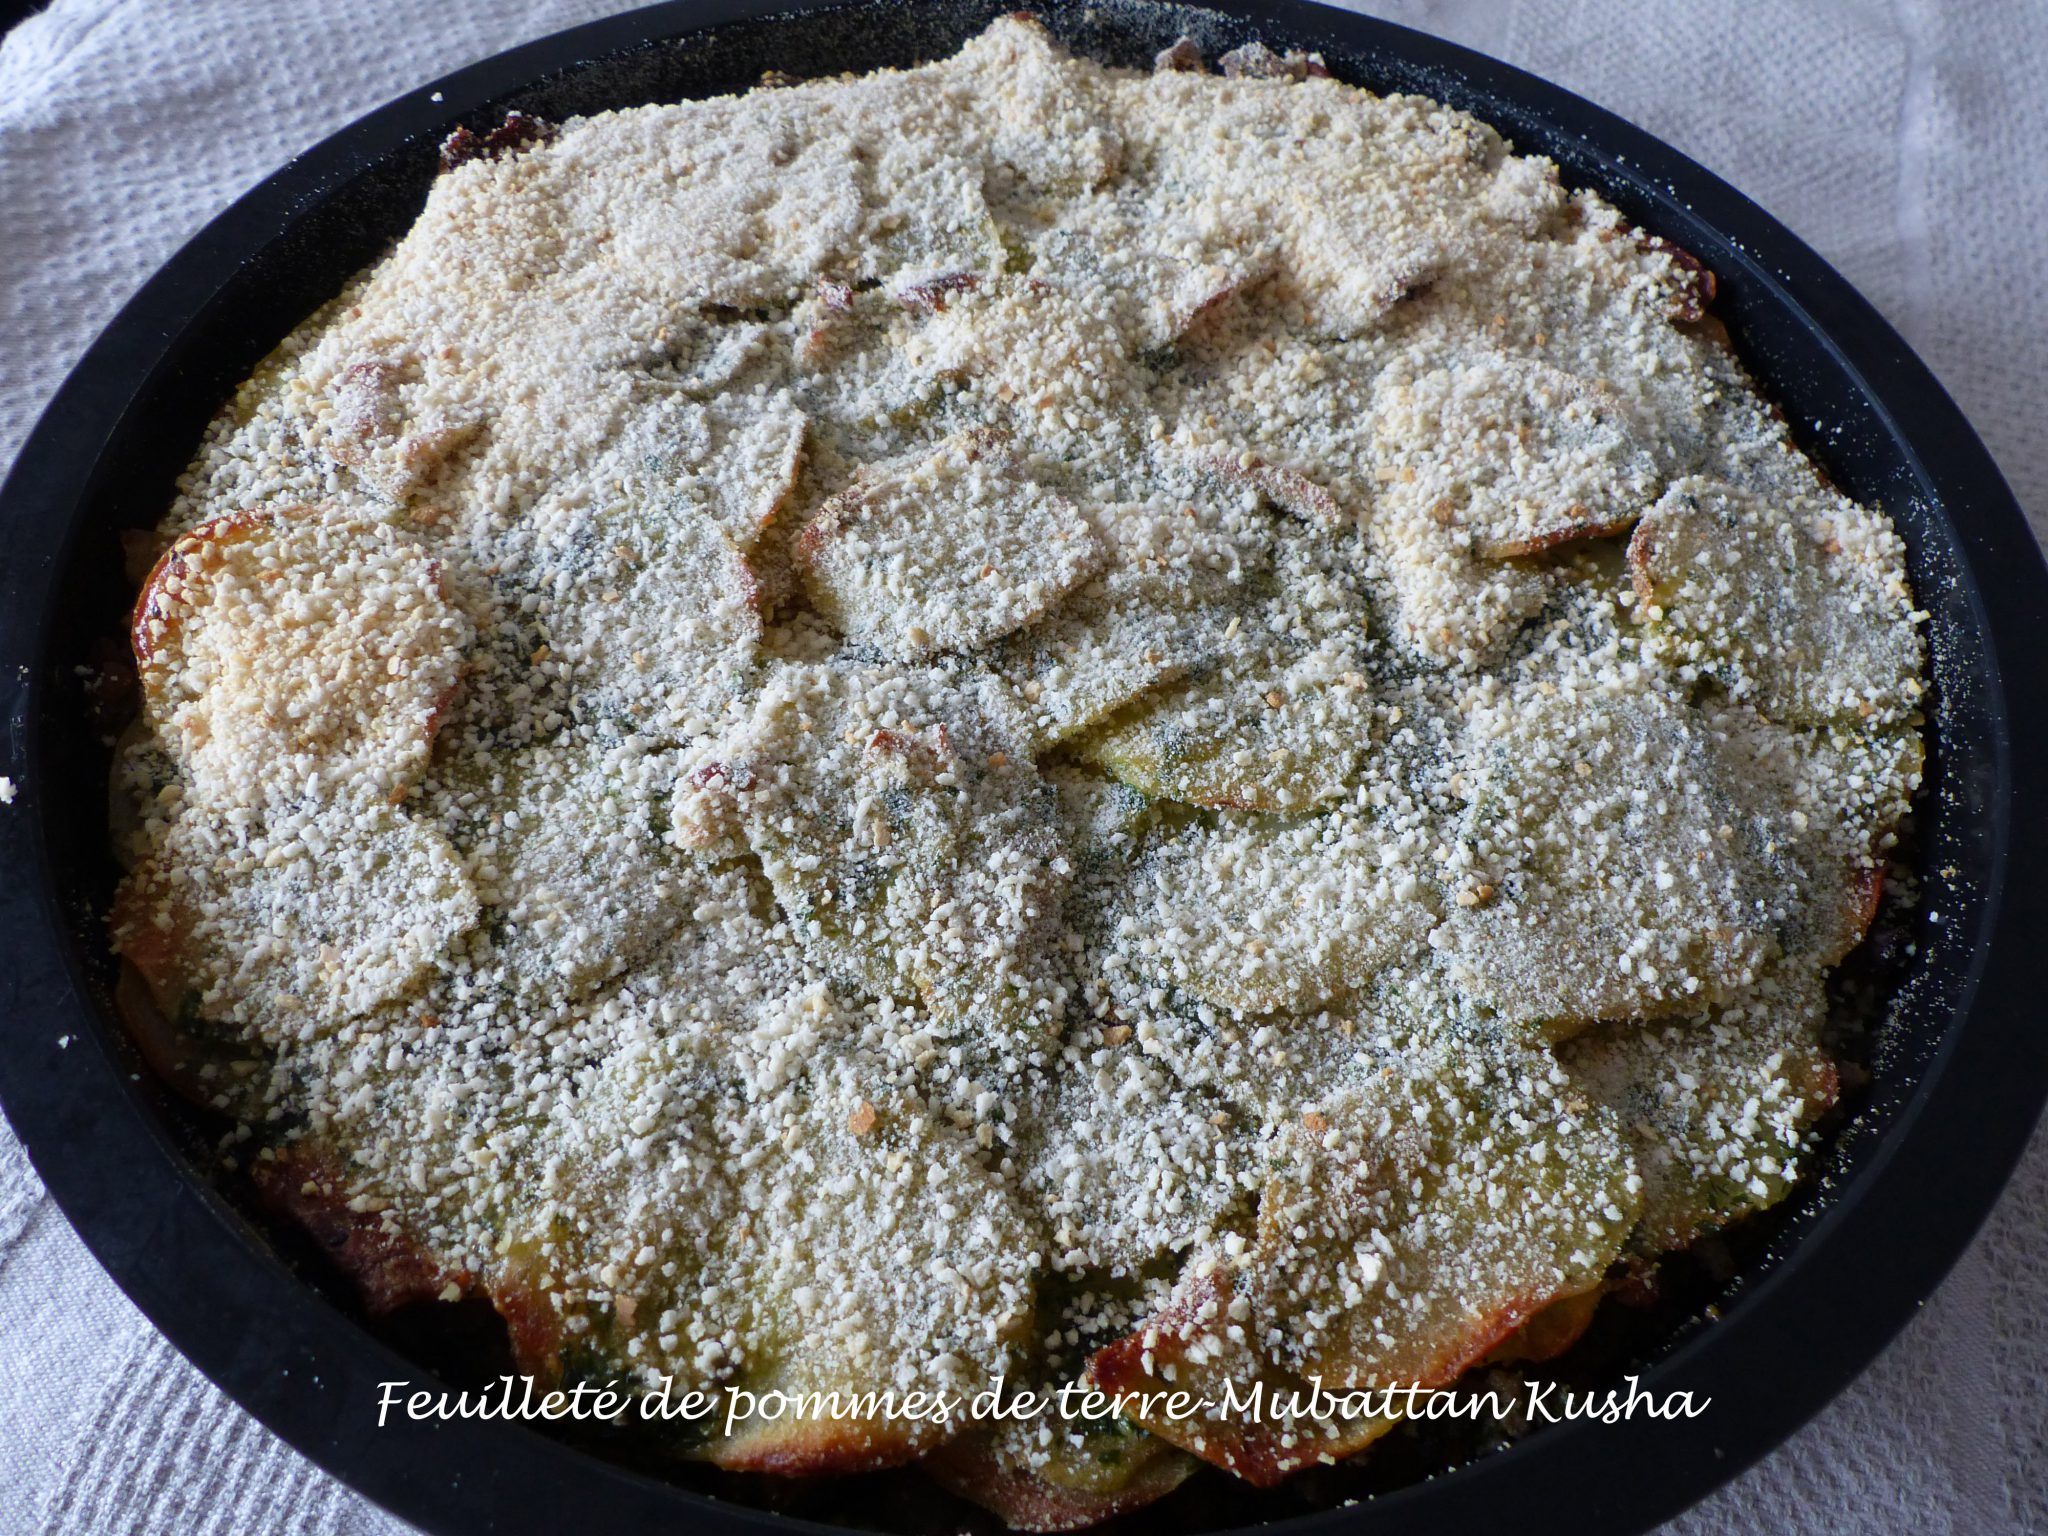 Feuilleté de pommes de terre-Mubattan Kusha P1080533 R